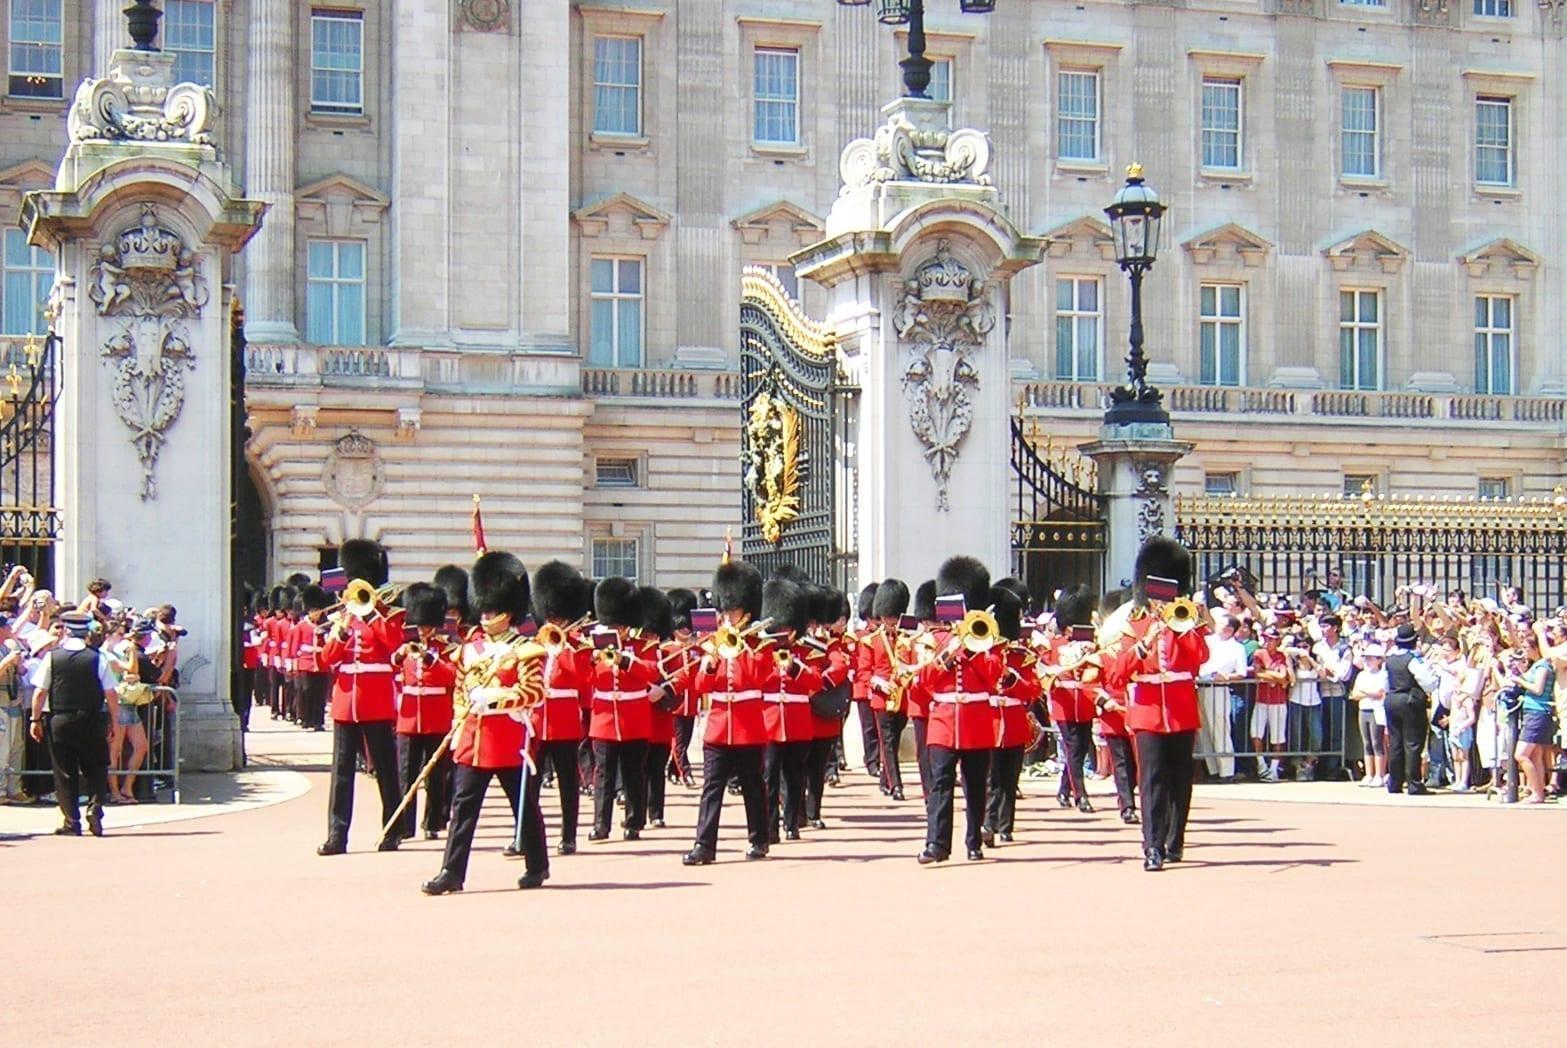 buckingham palace London england